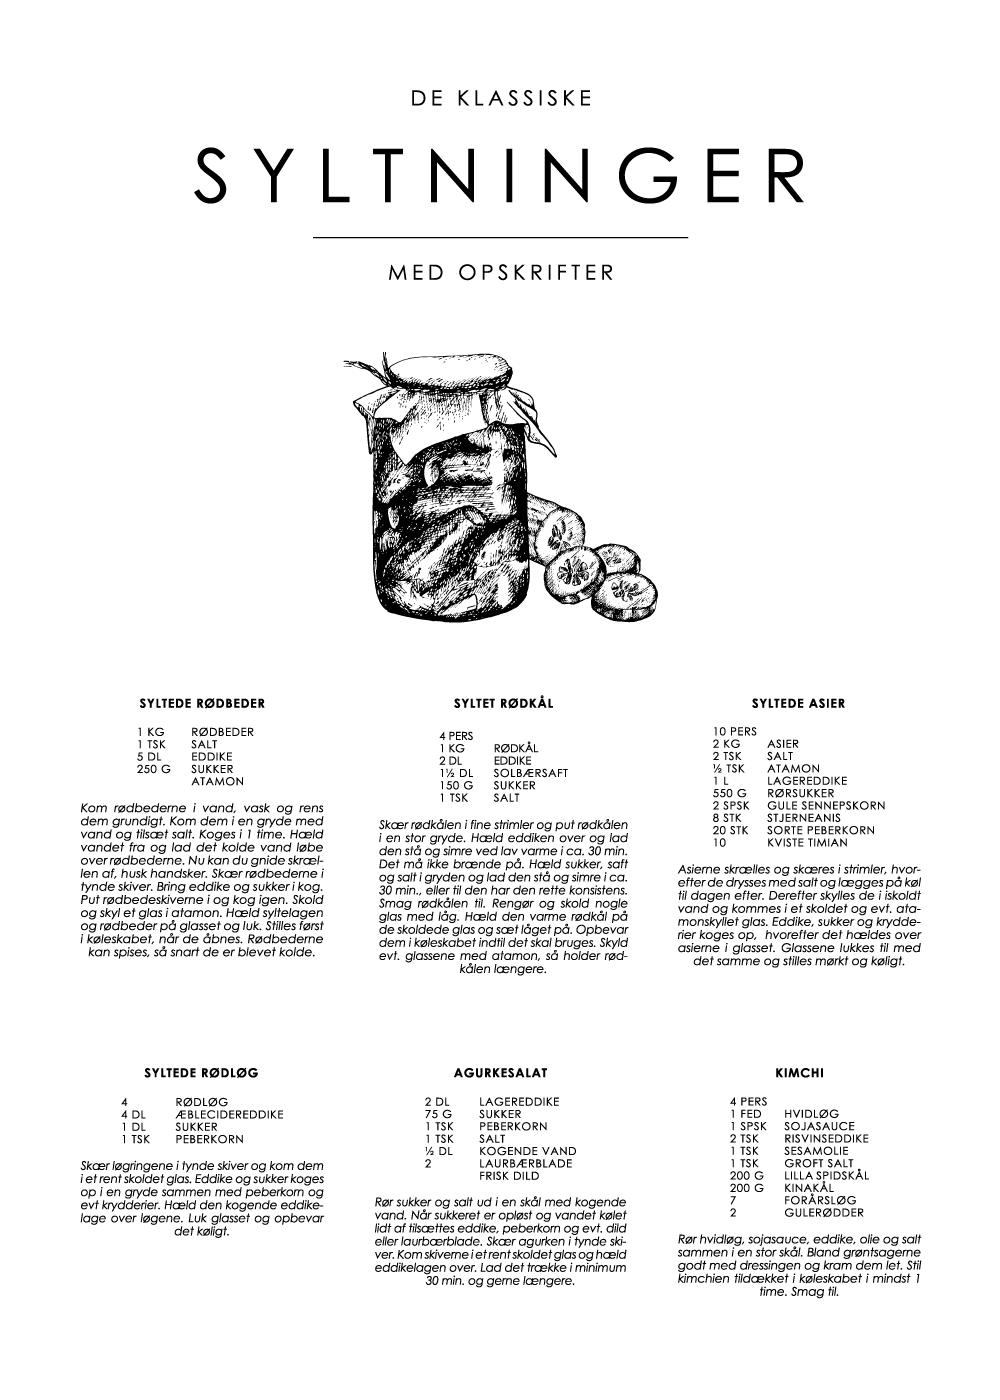 Billede af Sylte guide plakat - De klassiske opskrifter